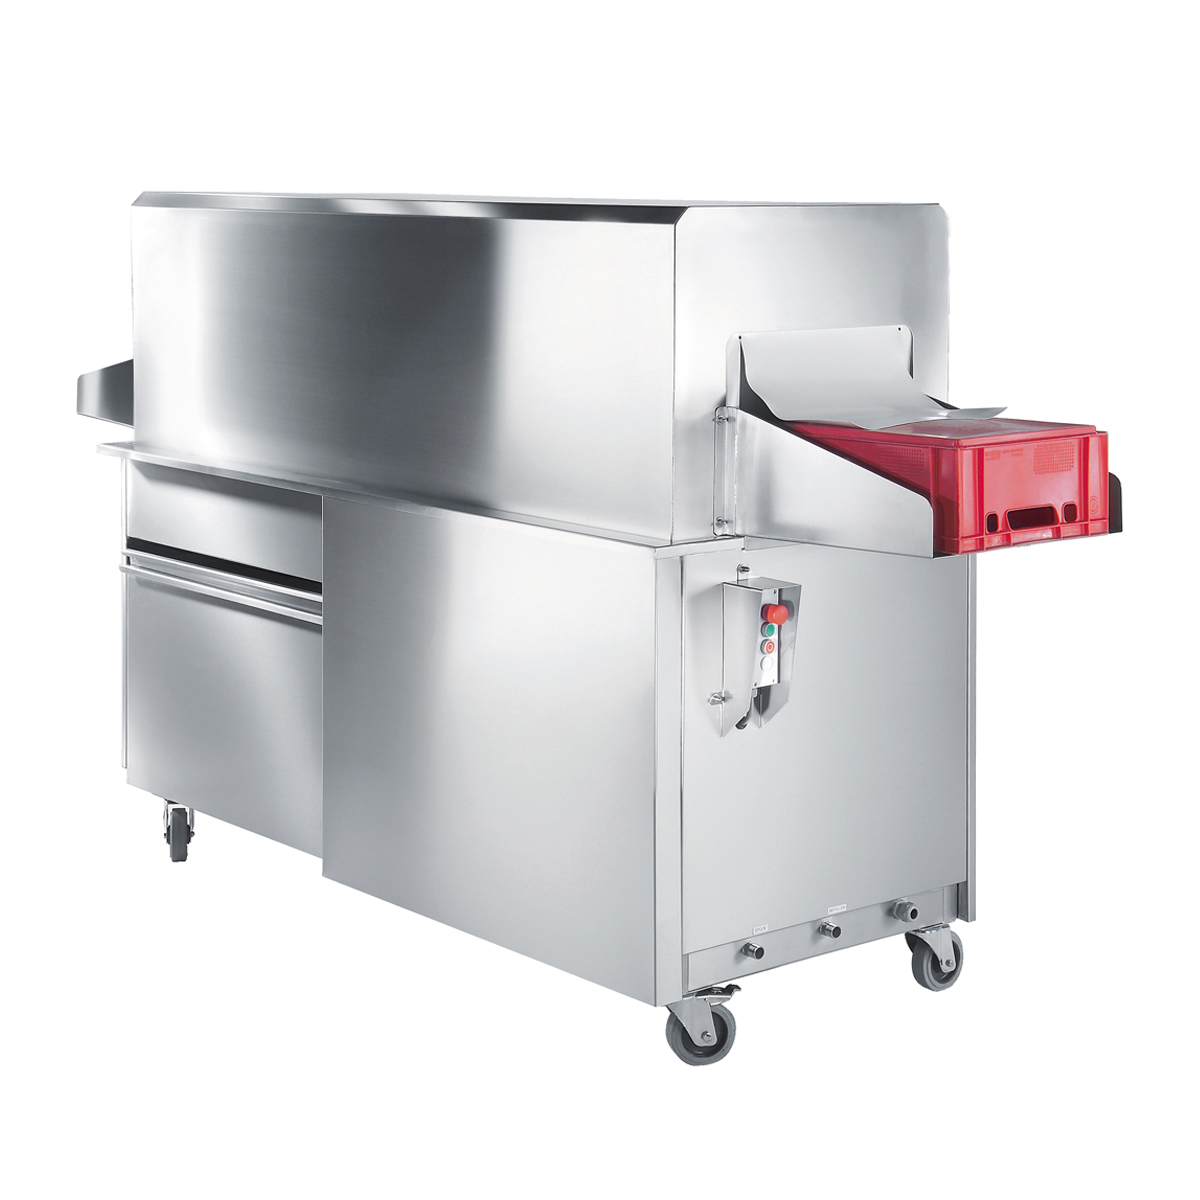 Kistenwaschmaschine - 240 Kisten je Stunde, ArtNr.: KWM_240